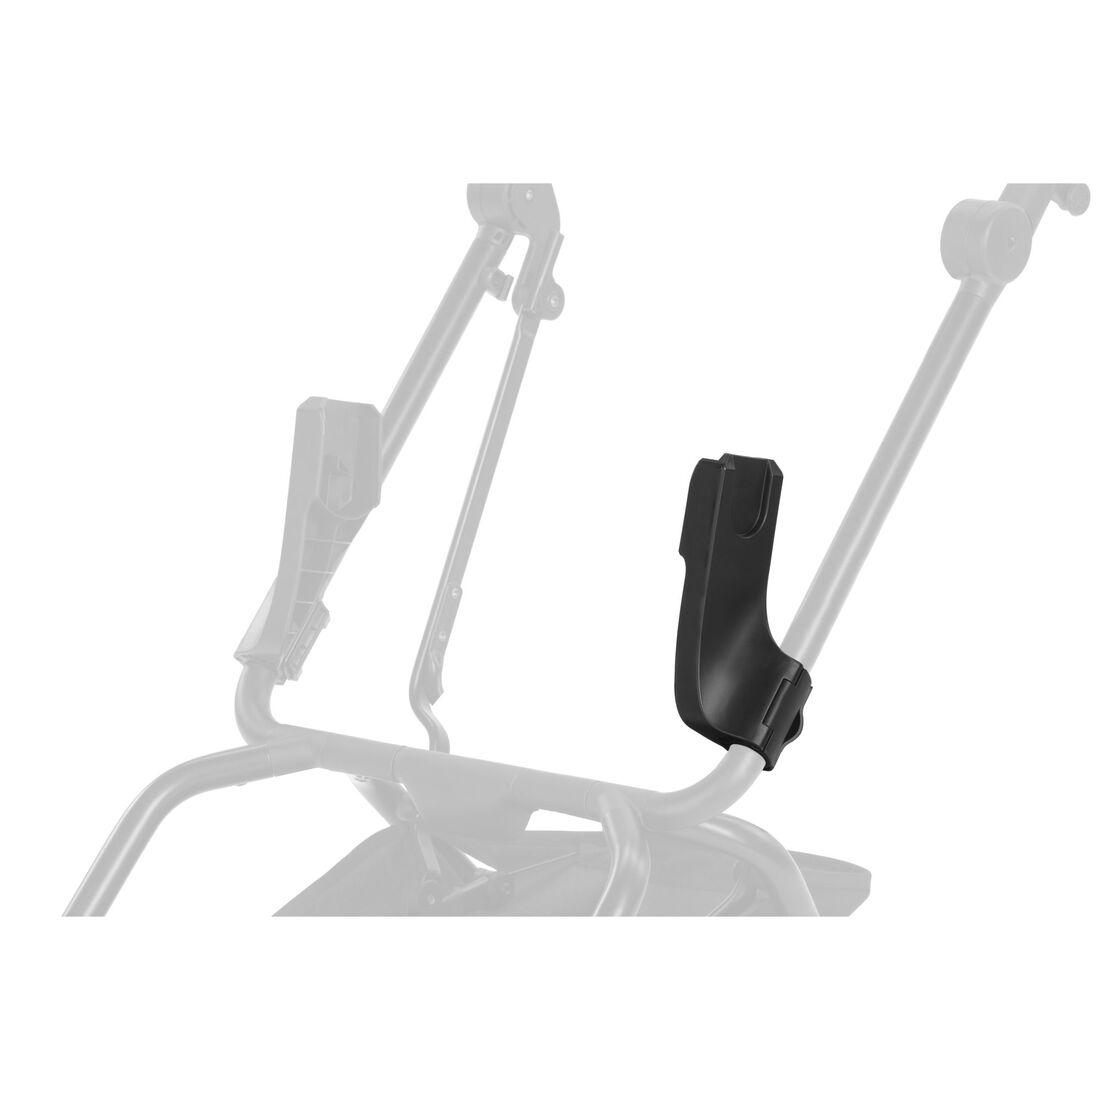 CYBEX Babyschalen Adapter Eezy S Line - Black in Black large Bild 2